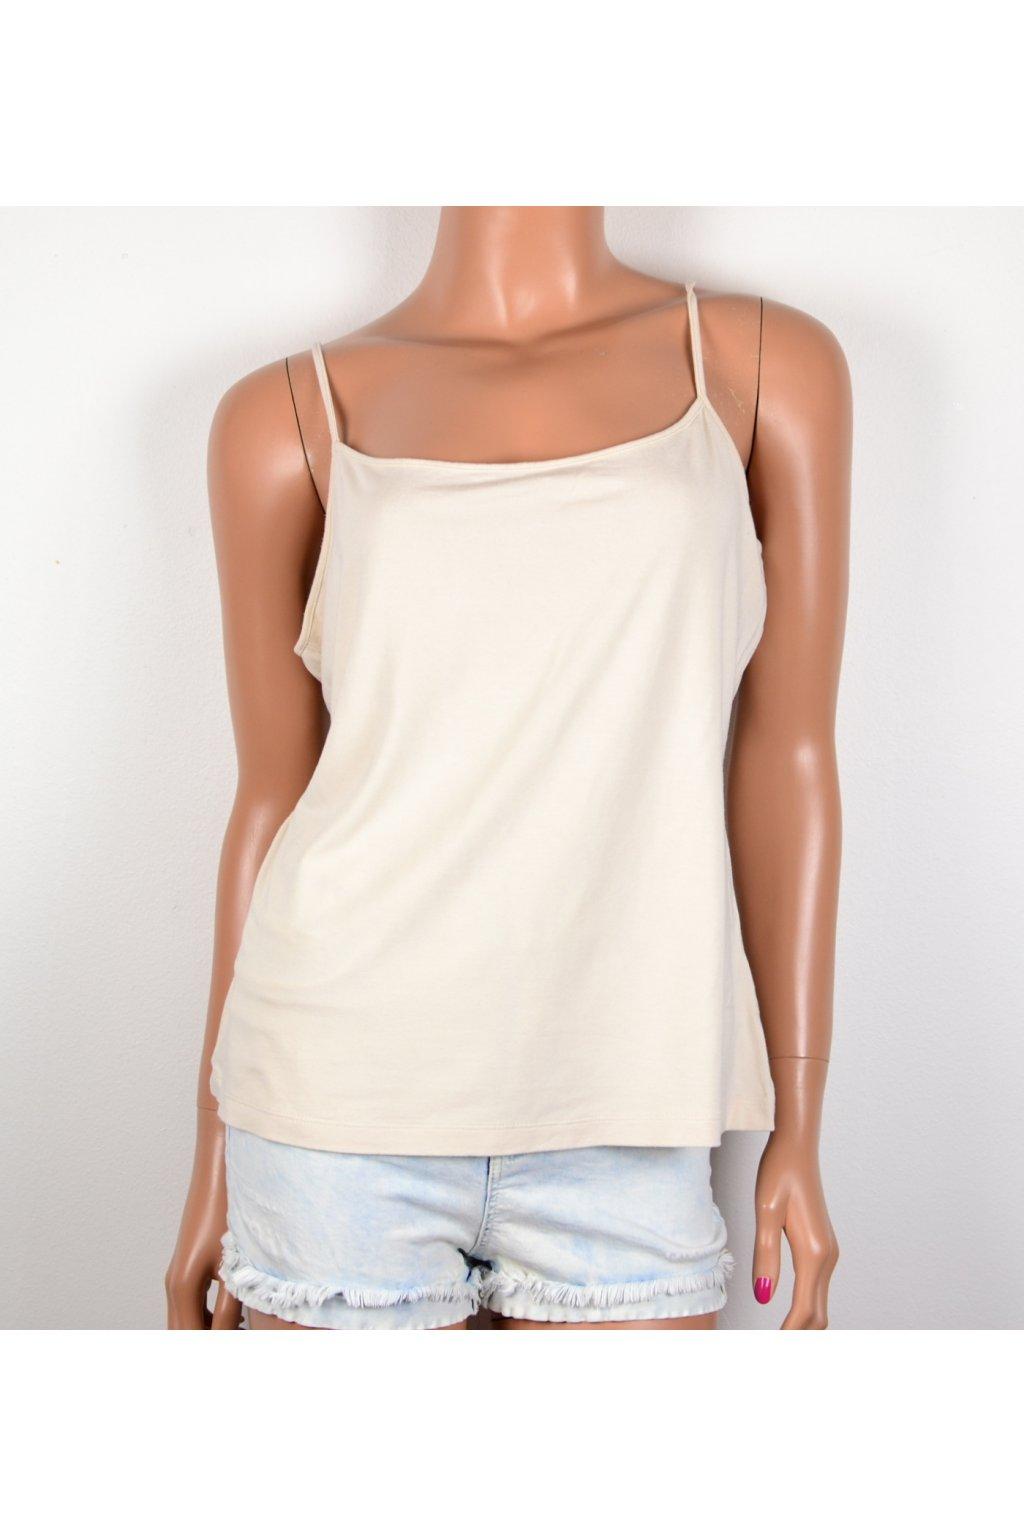 Tričko tílko béžové Marks a Spencer UK18/46-48/L-XL